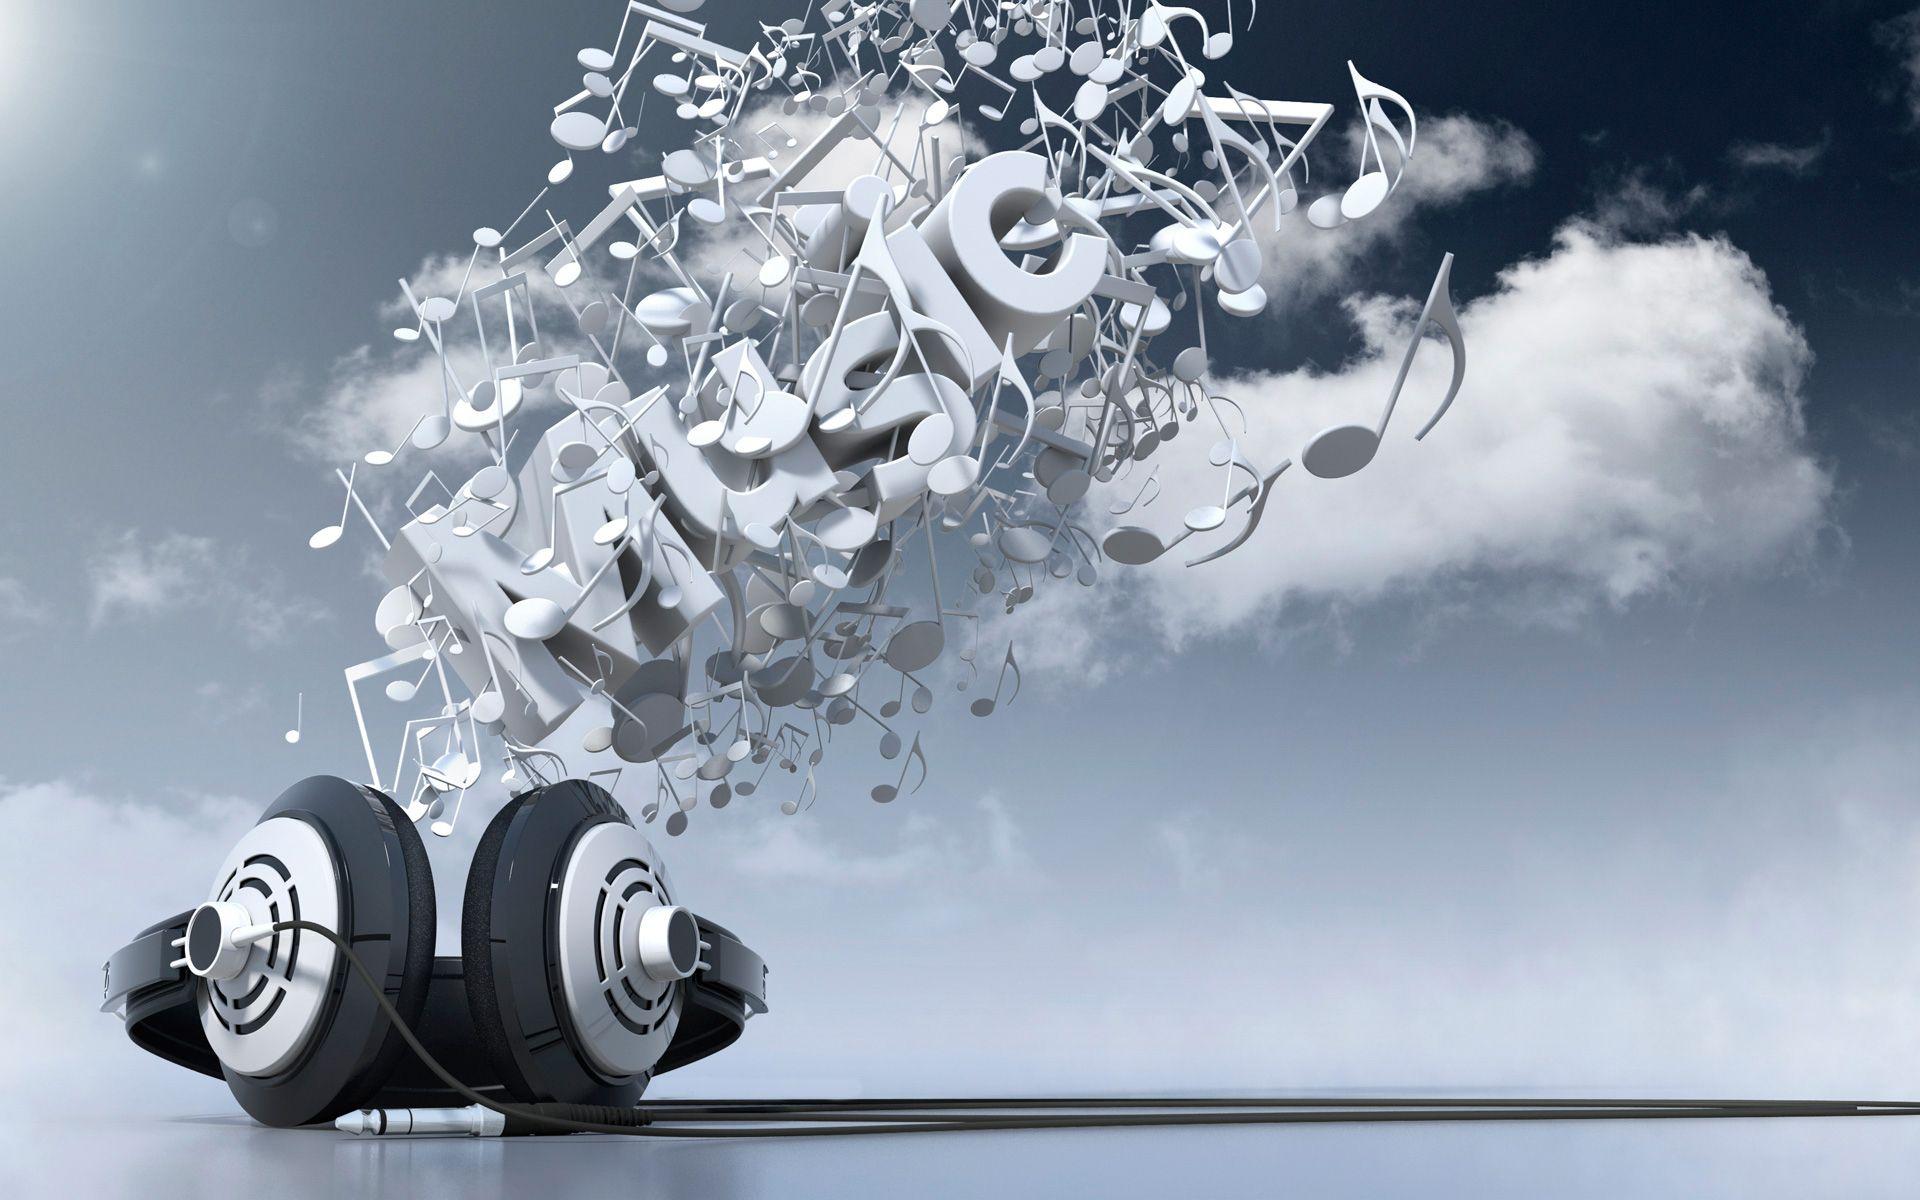 I Love Music Hd Wallpaper For Mobile: 3D Music HD Widescreen Desktop Wallpaper.